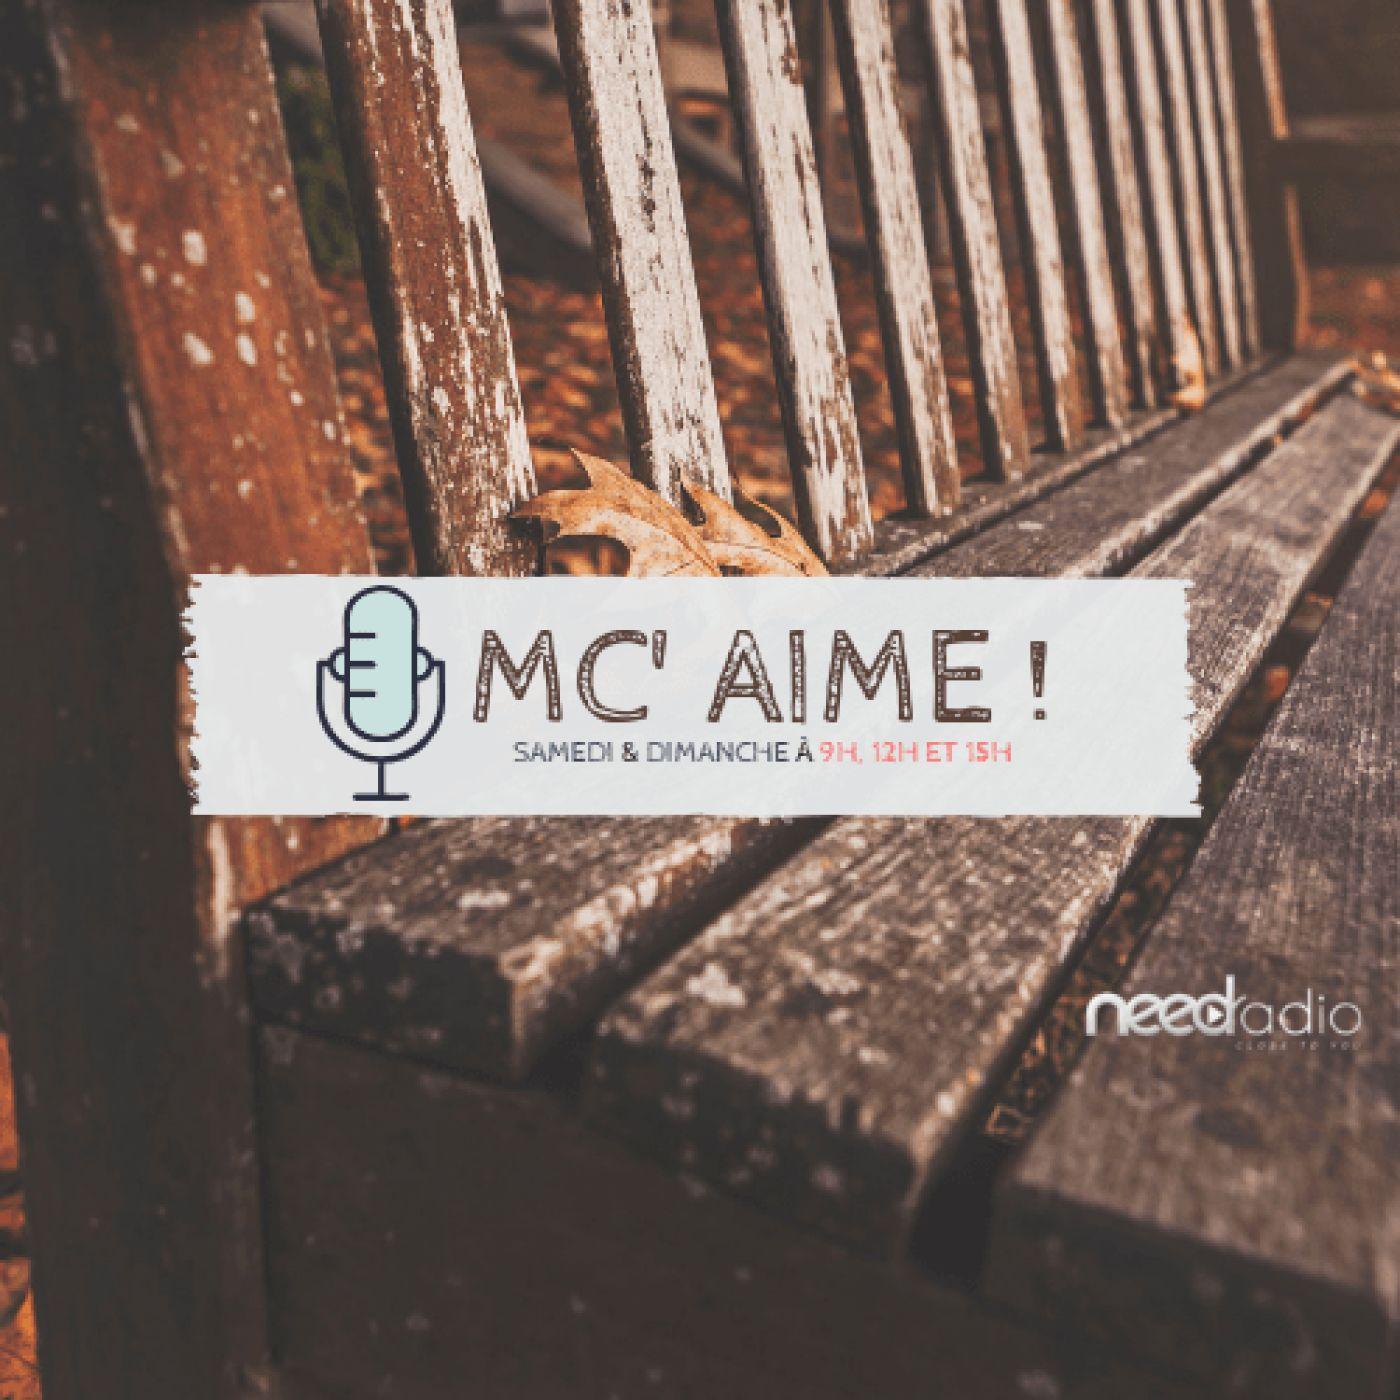 MC' Aime - Le Festival ¡Qué Gusto! du 15 au 23 juin 2019 (15/06/19)